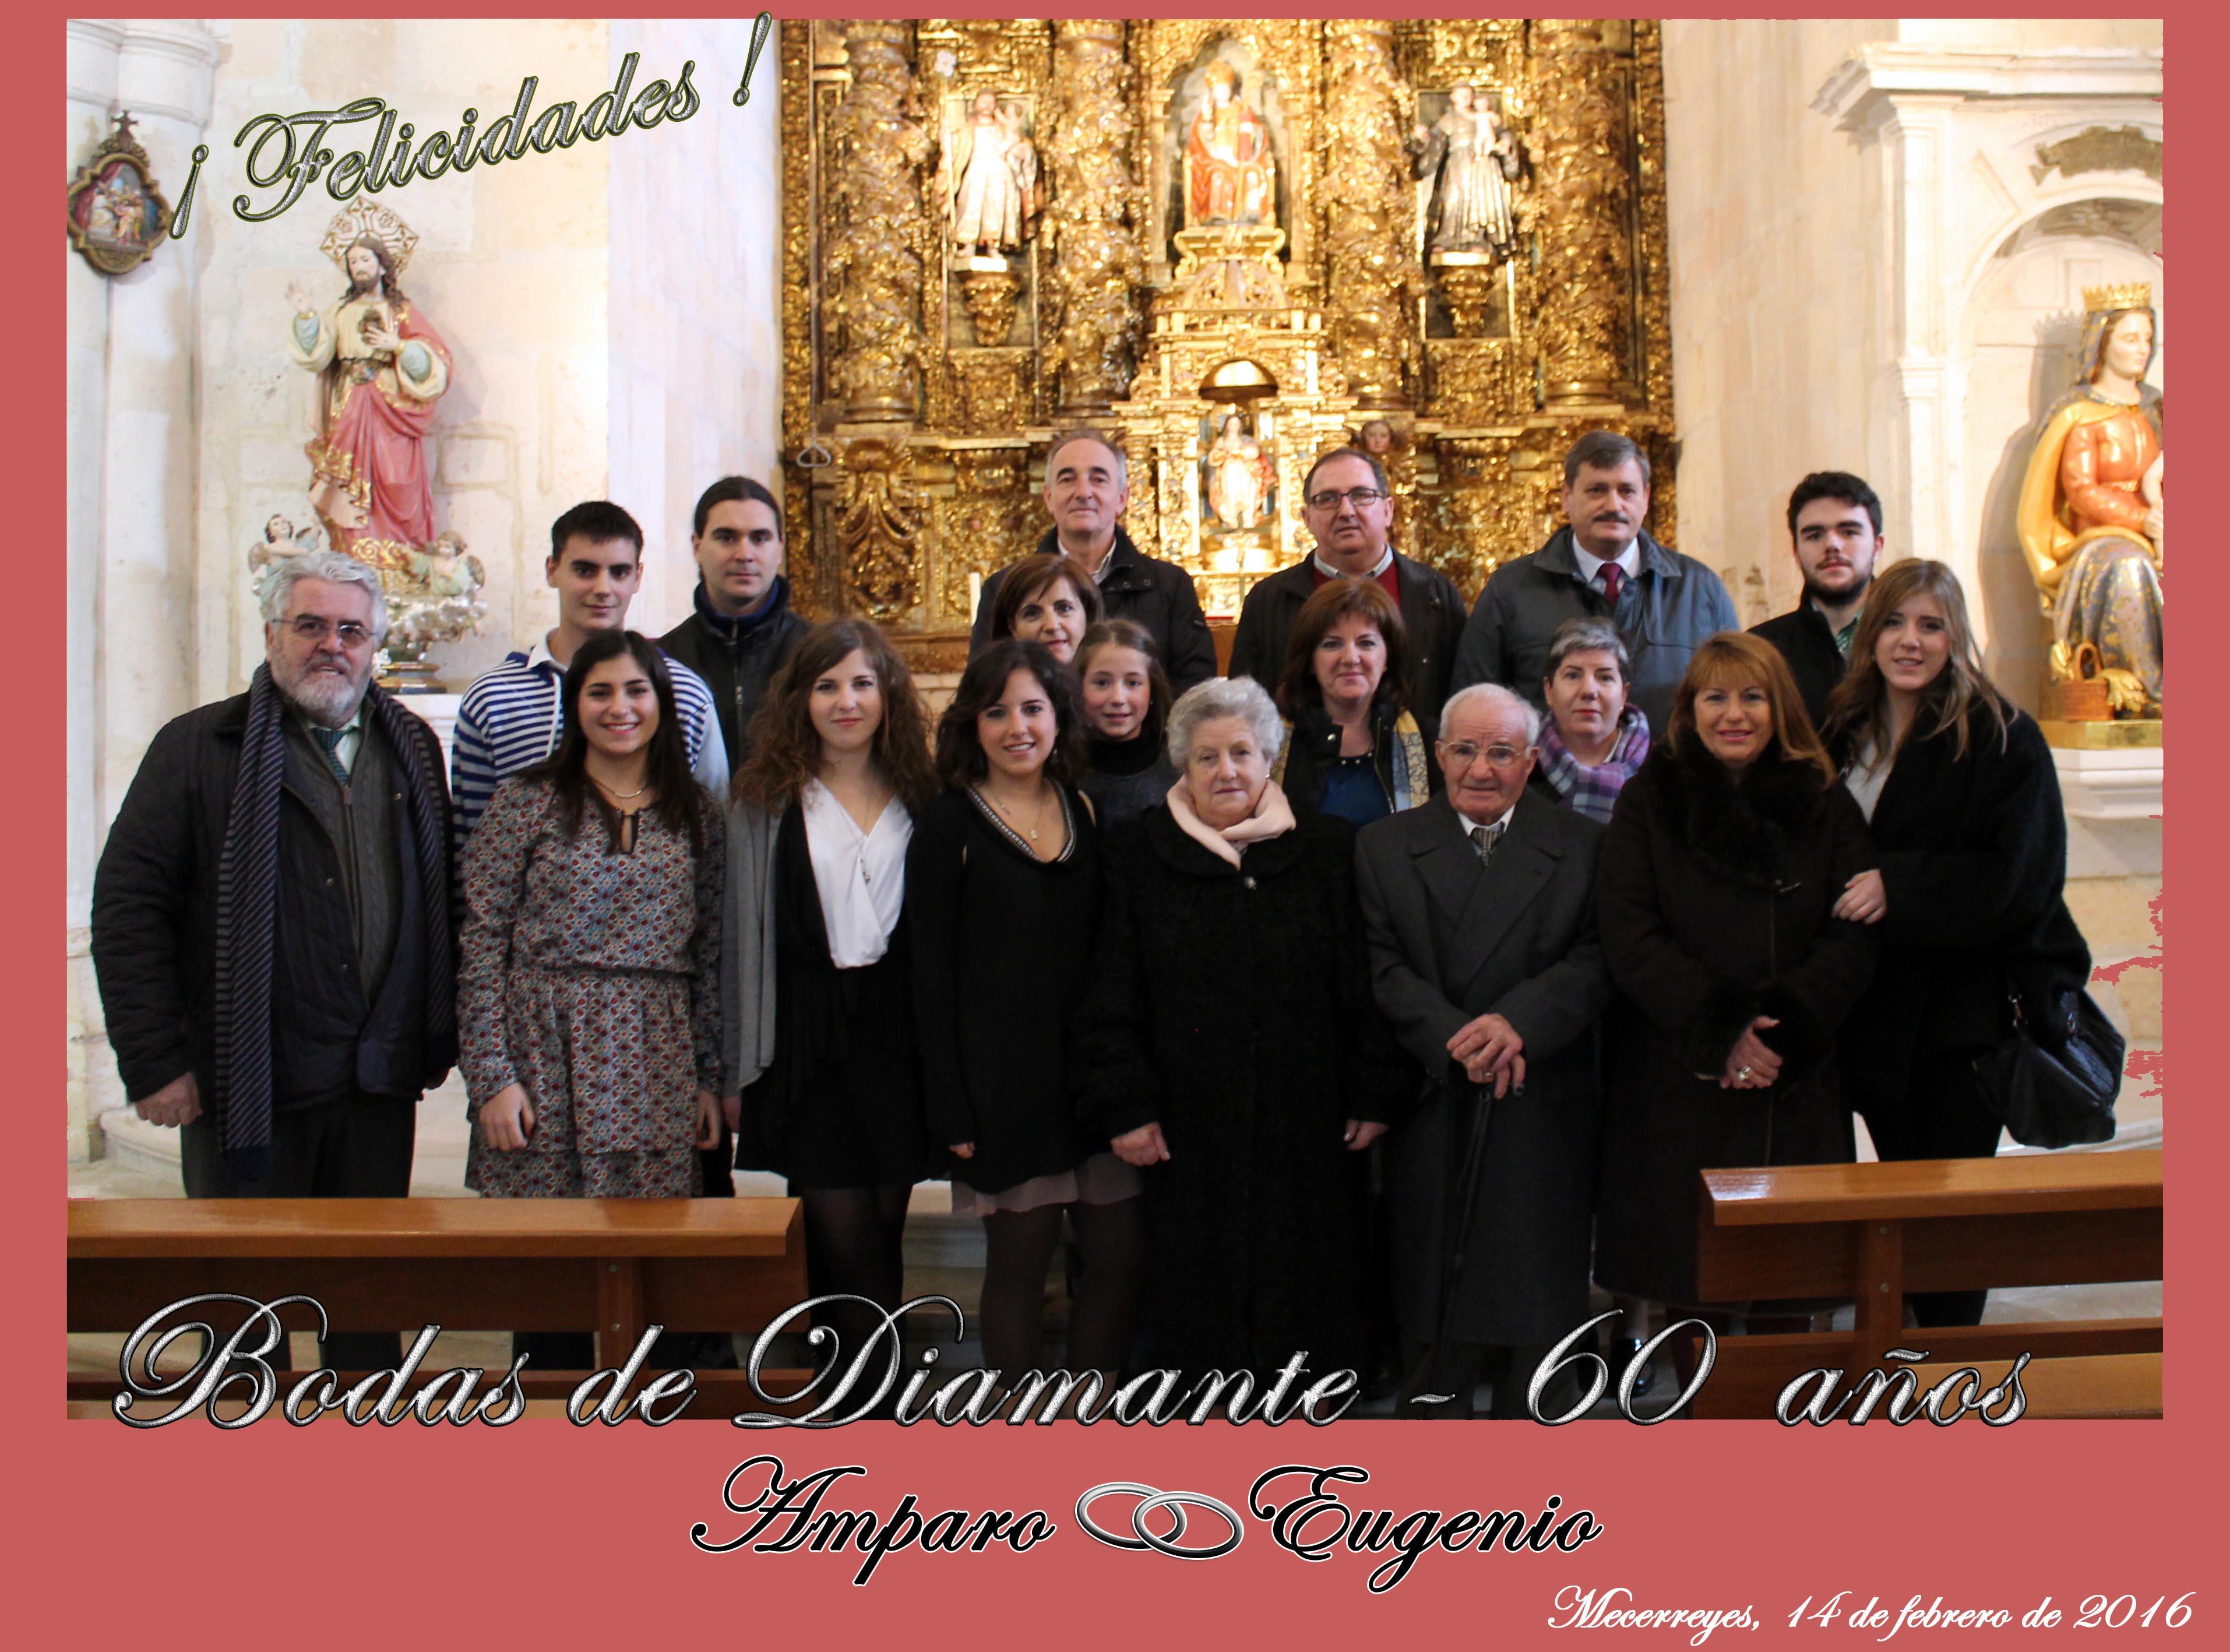 Bodas de Diamante, Amparo y Eugenio, Mecerreyes 14-02-2016